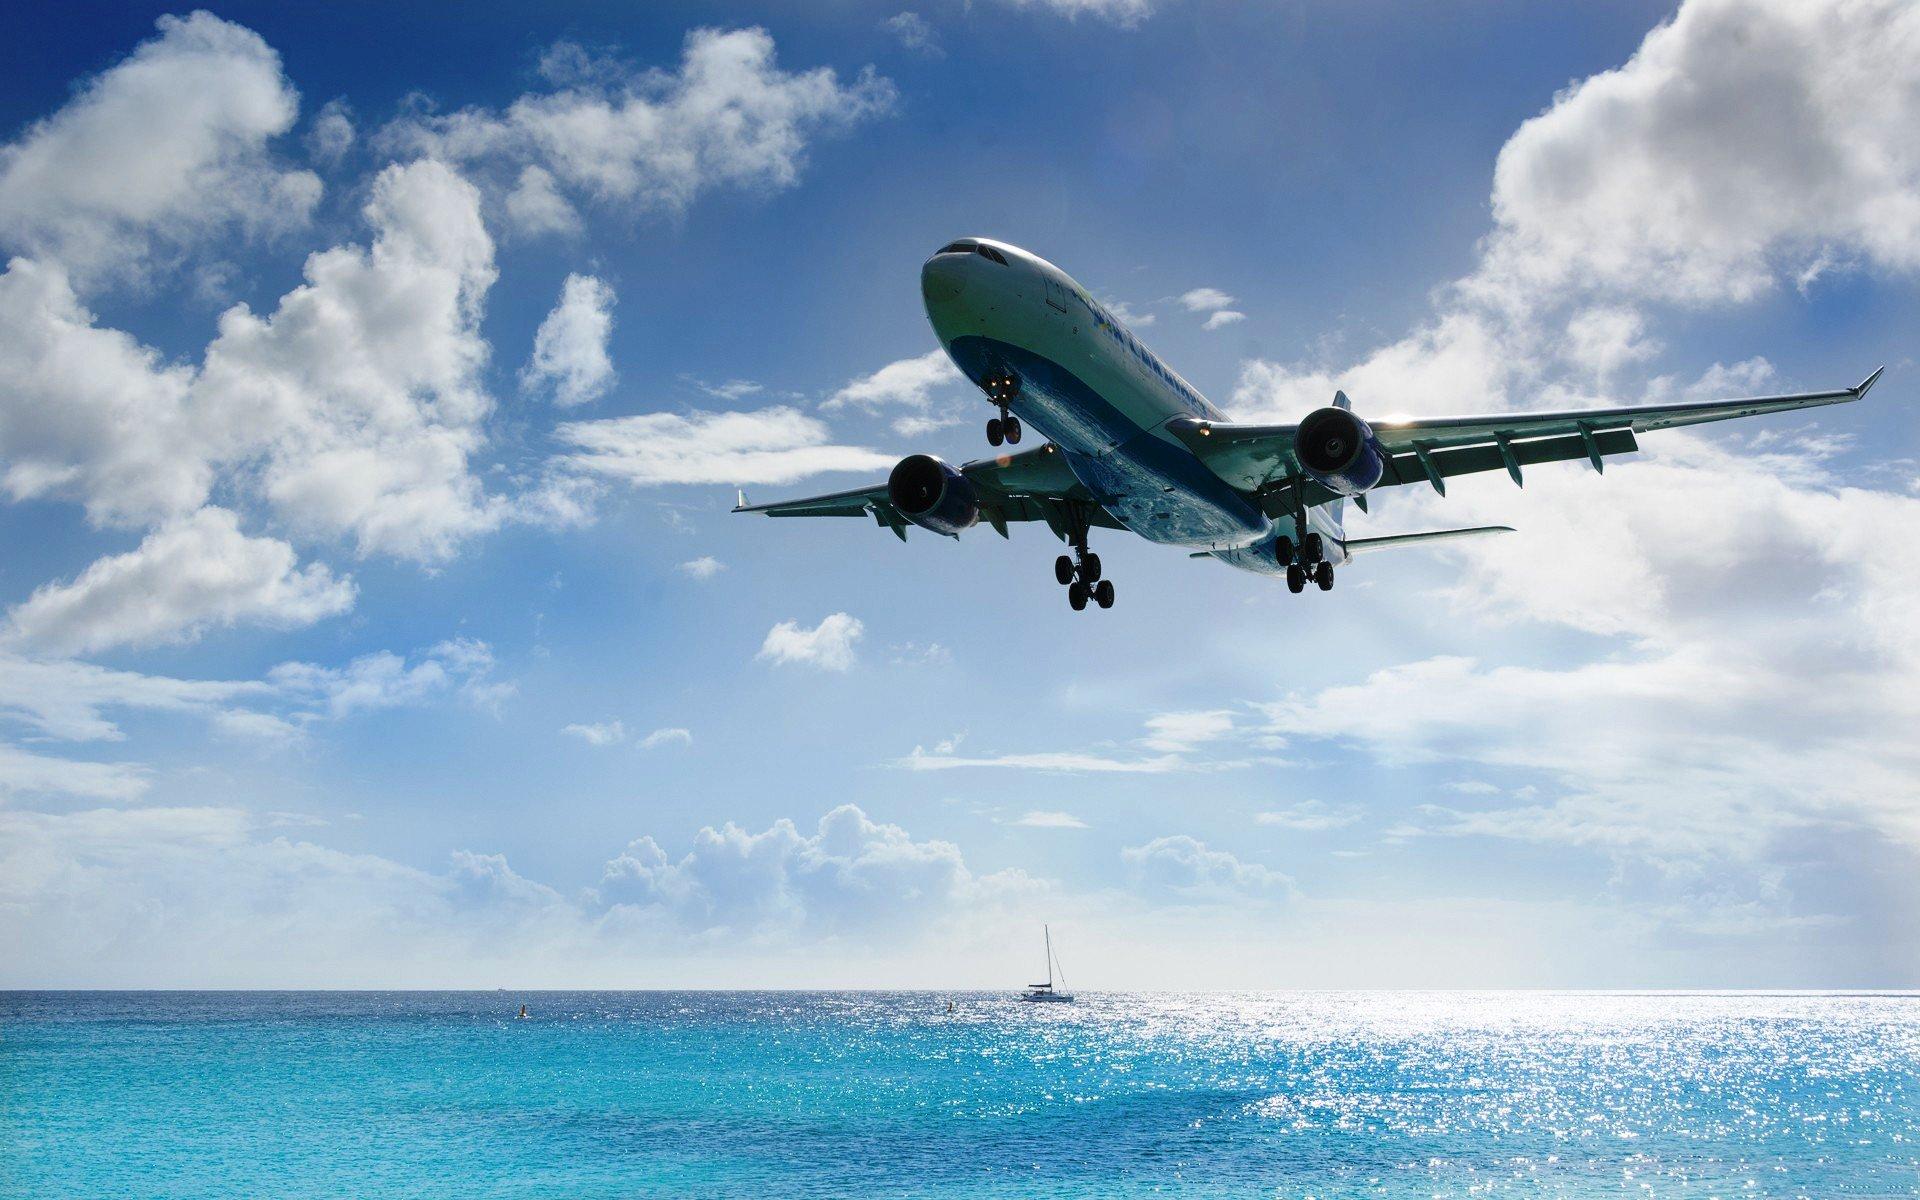 Фото моря и самолета